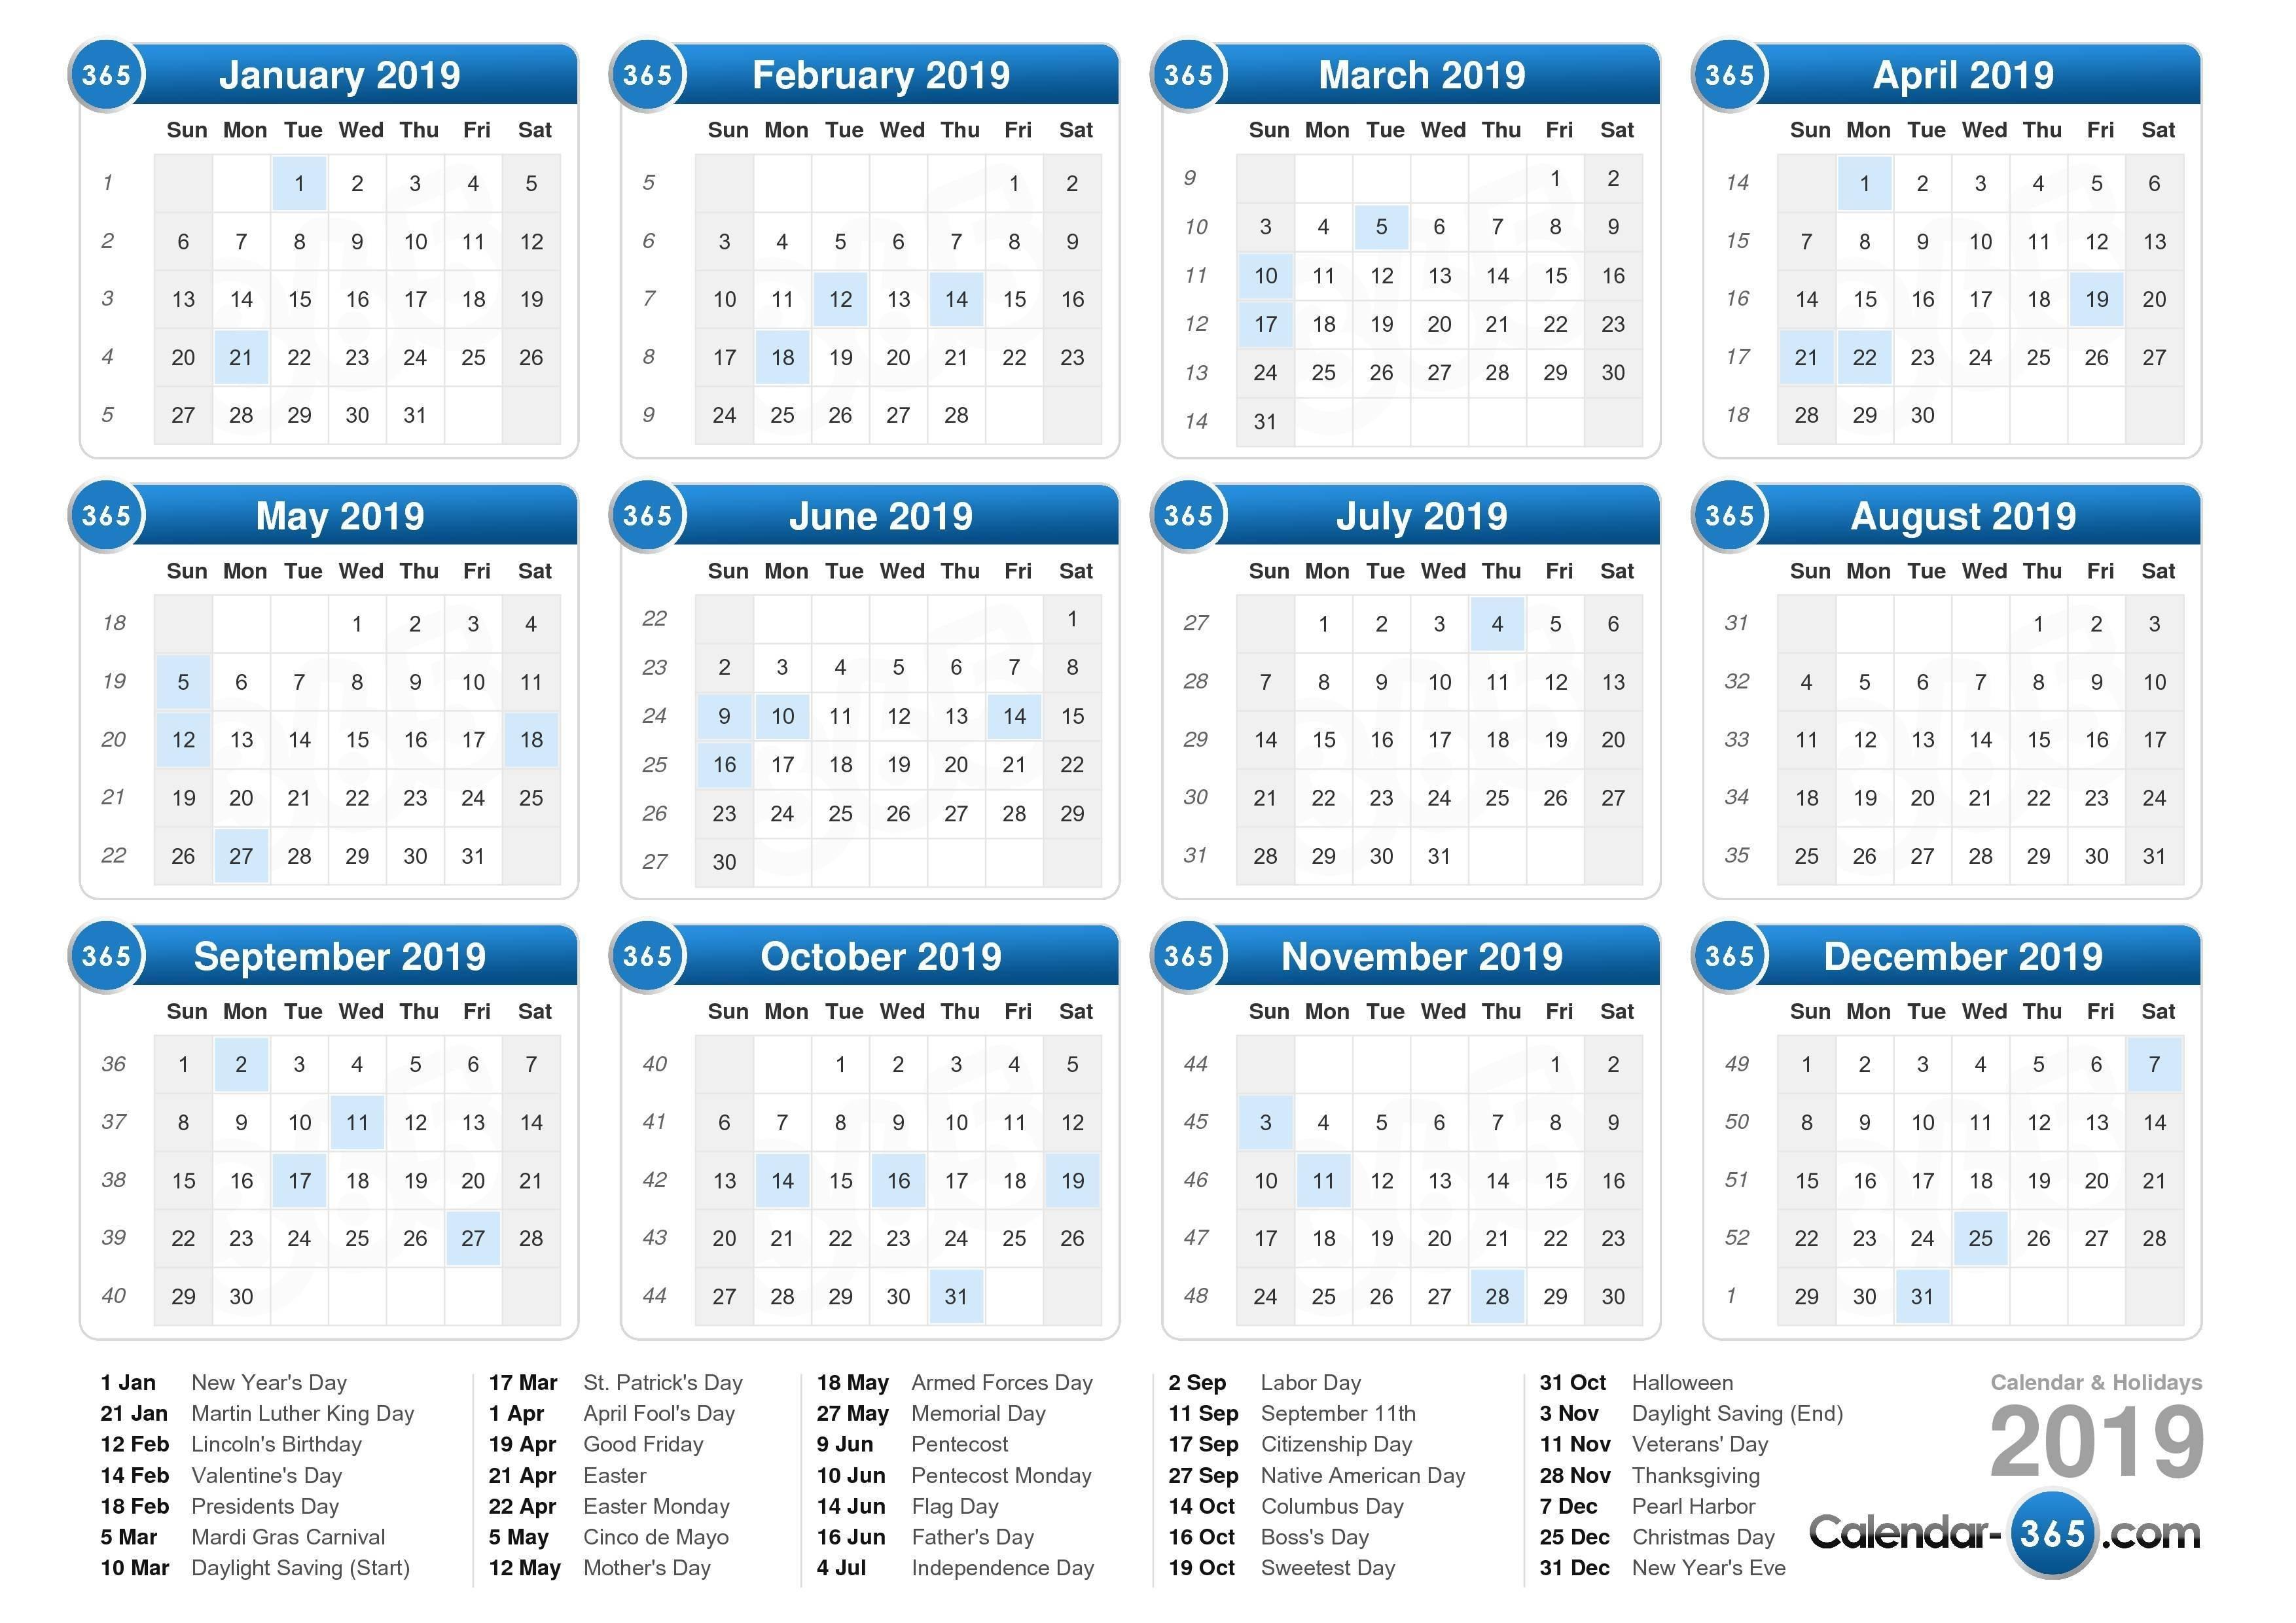 2019 Calendar Calendar 2019 Including Holidays